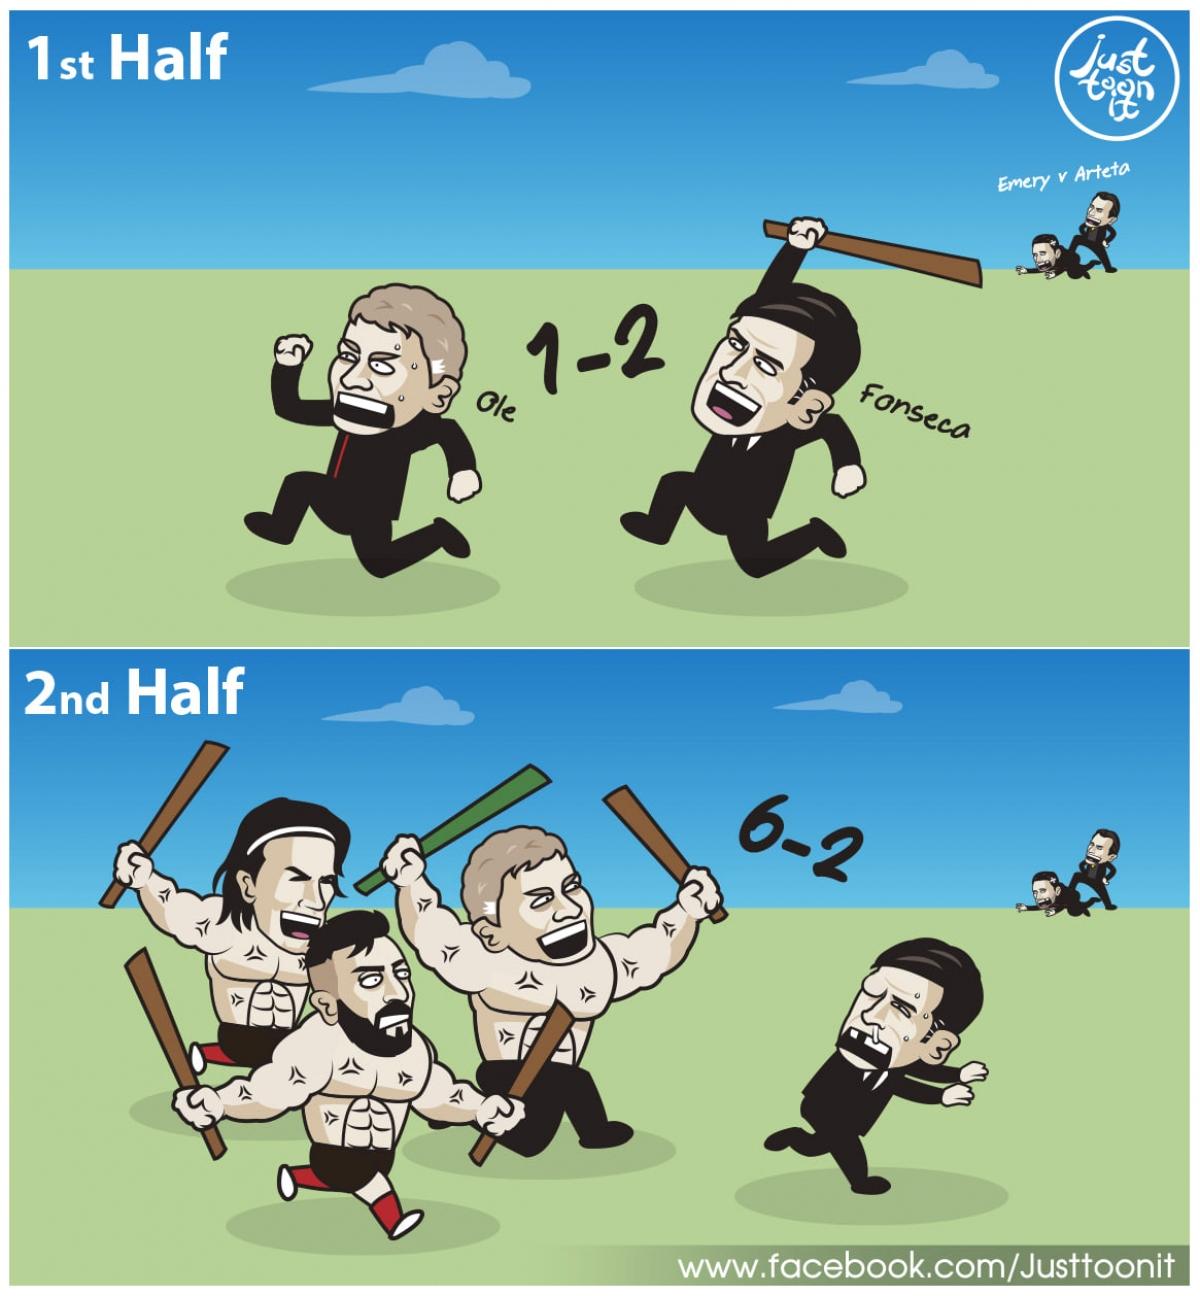 """MU """"giả vờ thua"""" AS Roma trong hiệp 1 rồi lội ngược dòng trong hiệp 2. (Ảnh: Just Toon It)"""